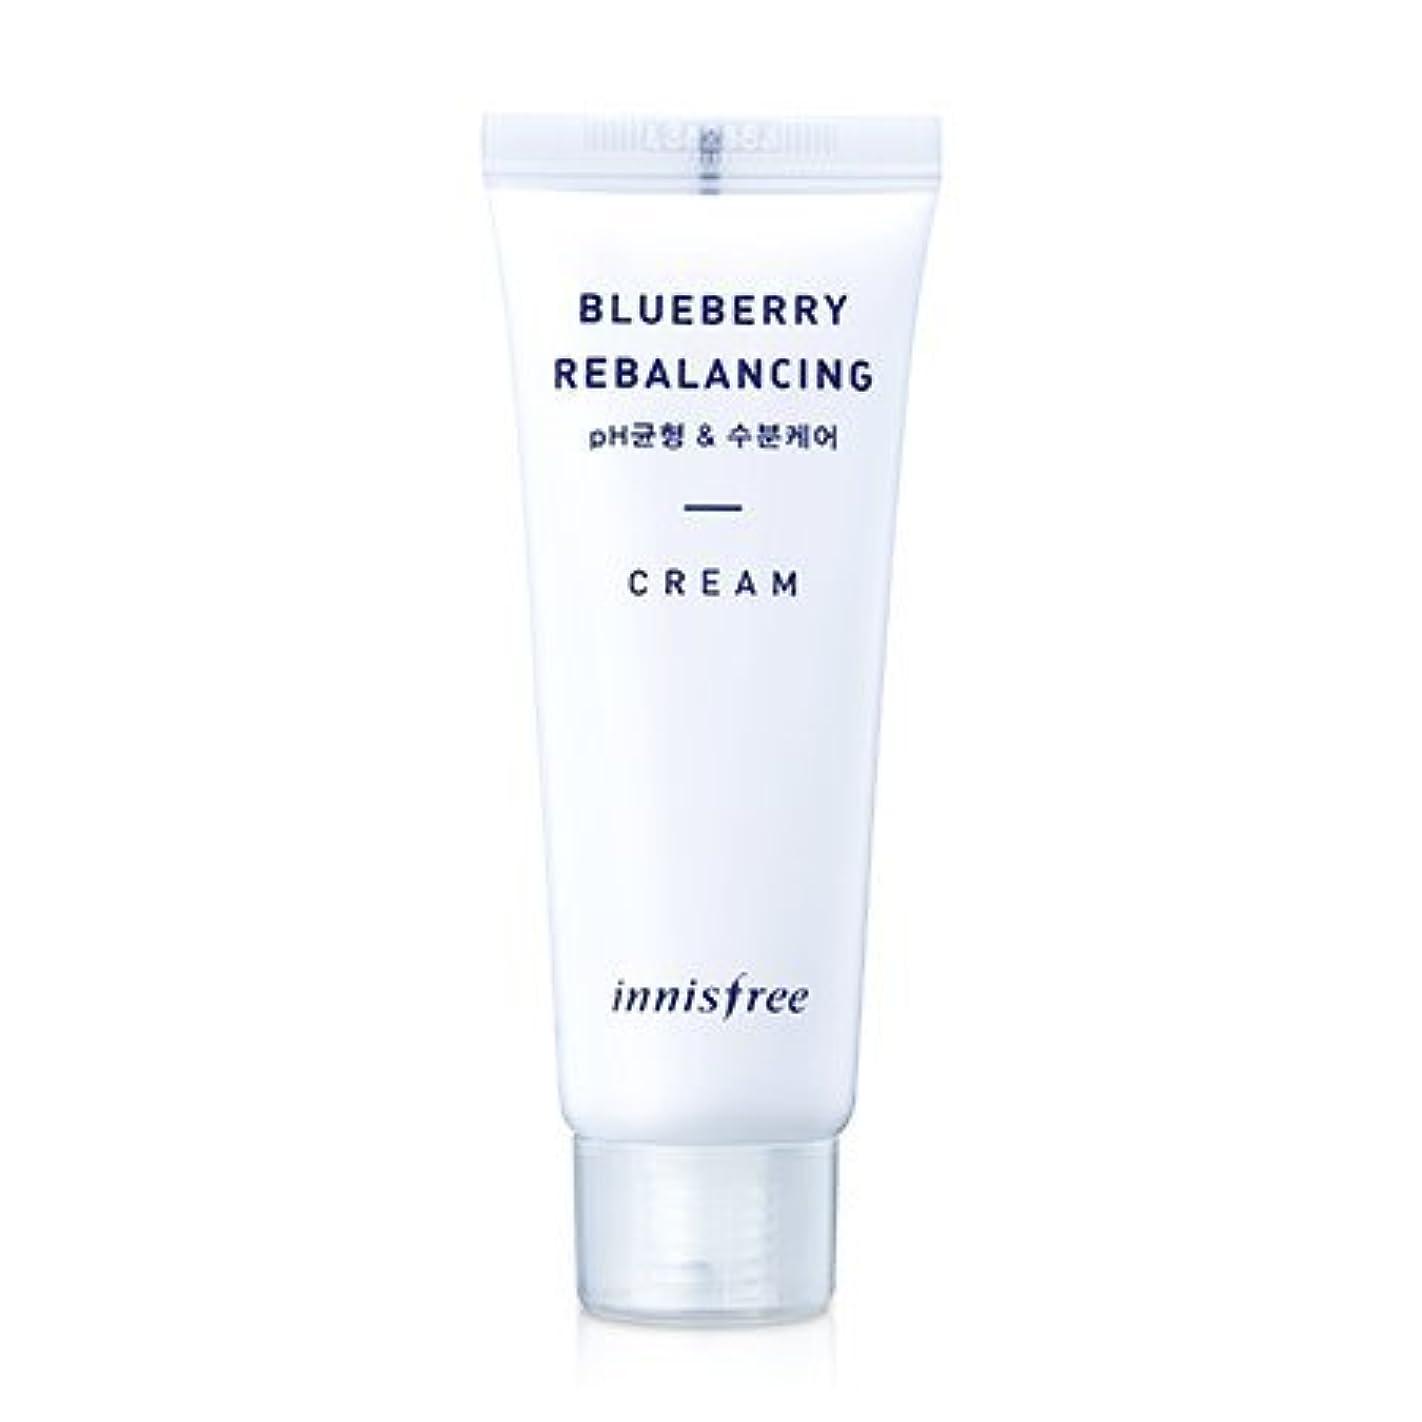 慎重オーブンサワー[innisfree(イニスフリー)] Super food_ Blueberry rebalancing cream (50ml) スーパーフード_ブルーベリーリベルロンシンクリーム[並行輸入品][海外直送品]